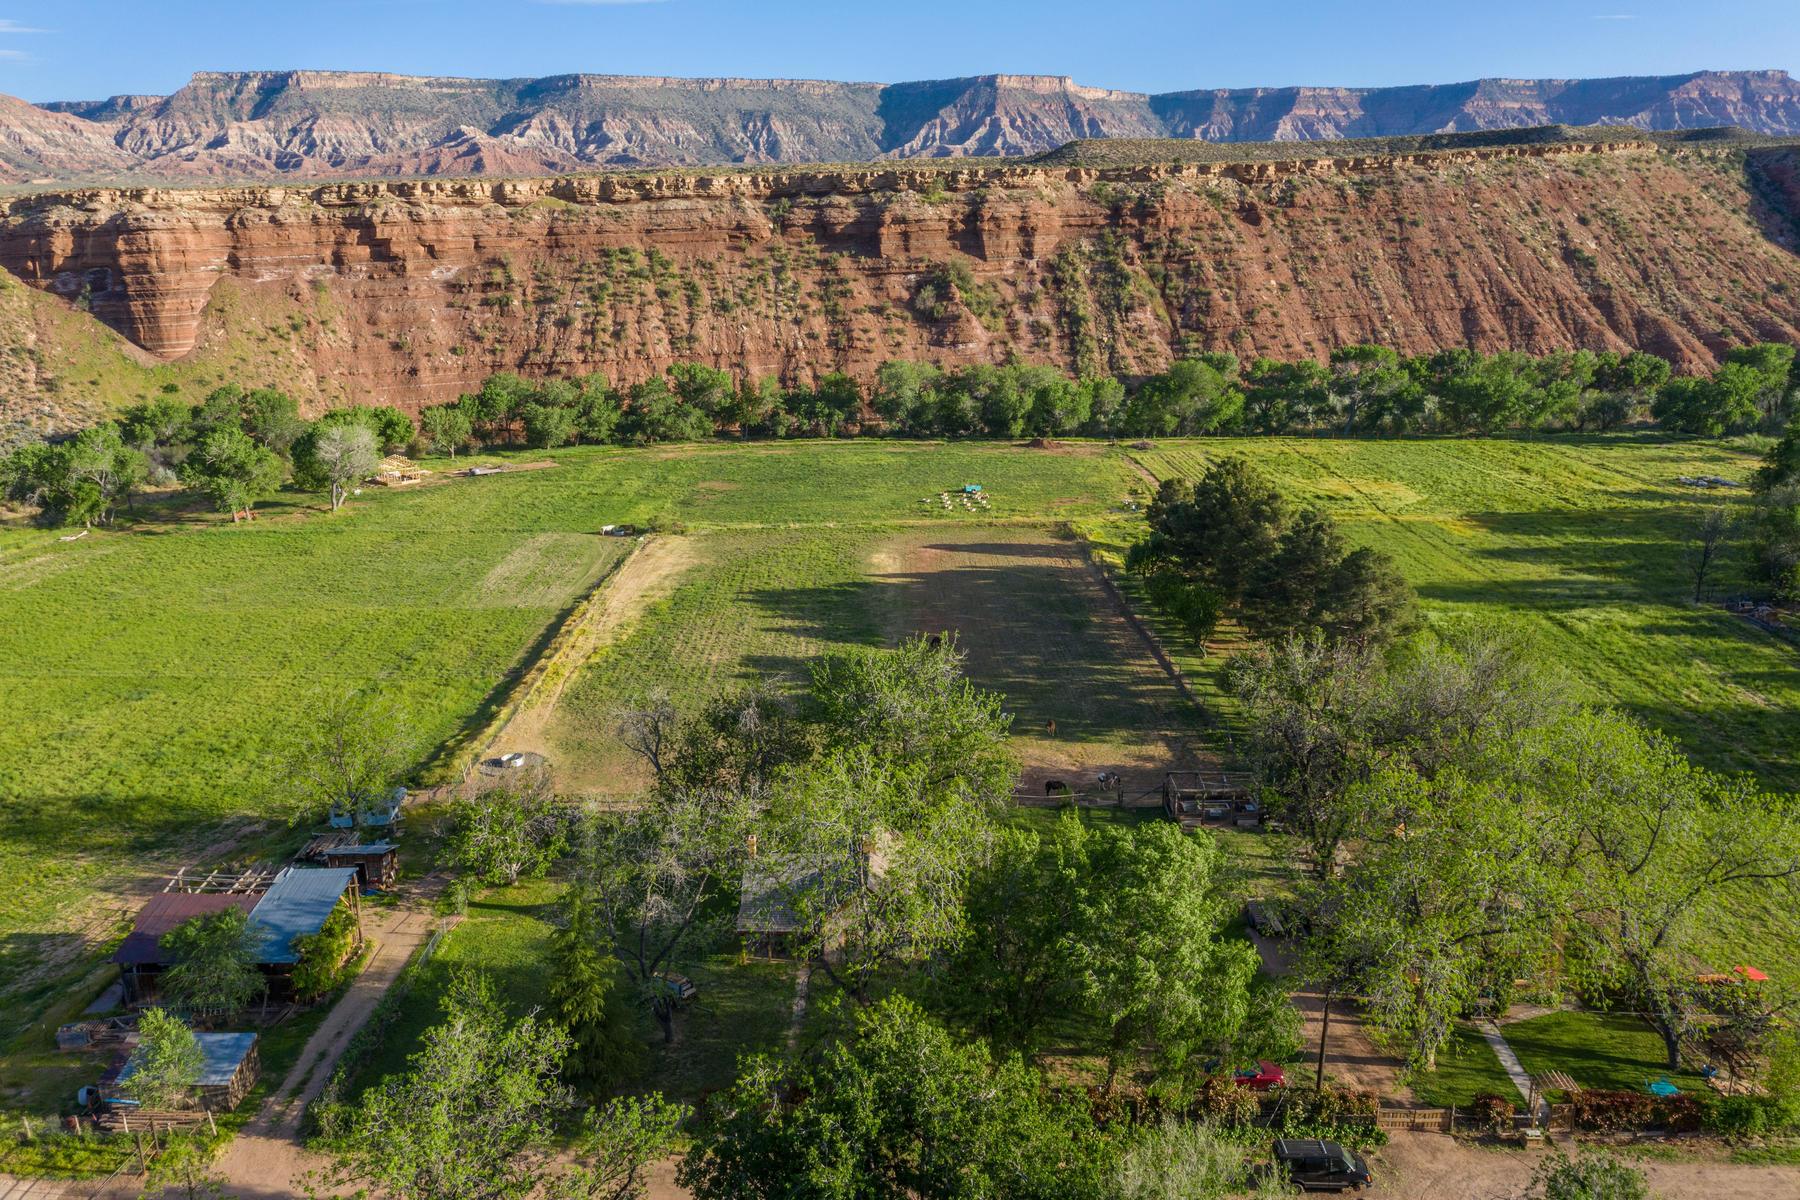 토지 용 매매 에 24-Acre Riverfront Ranch Near Zion 89 East 130 South (Jepson St) Virgin, 유타 84779 미국